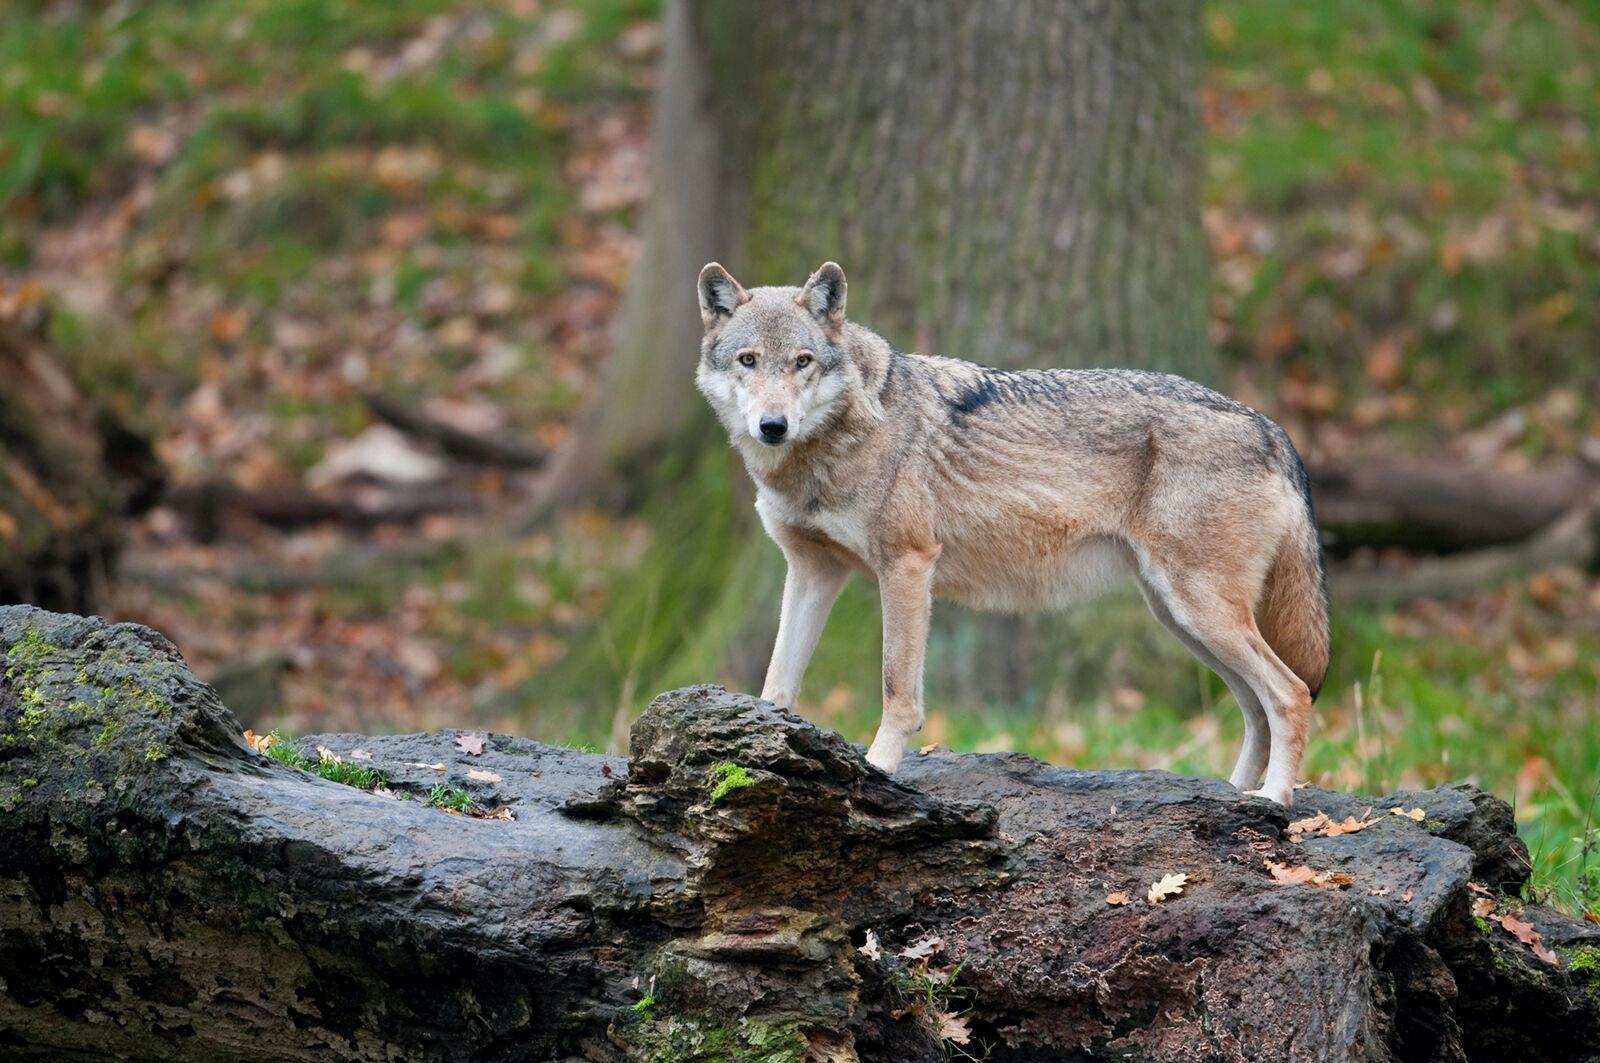 Les loups modernes ont un ancêtre commun avec le chien domestique, mais leurs comportements et leurs cibles de chasse pourraient avoir été significativement modifiés par la menace de l'Homme.